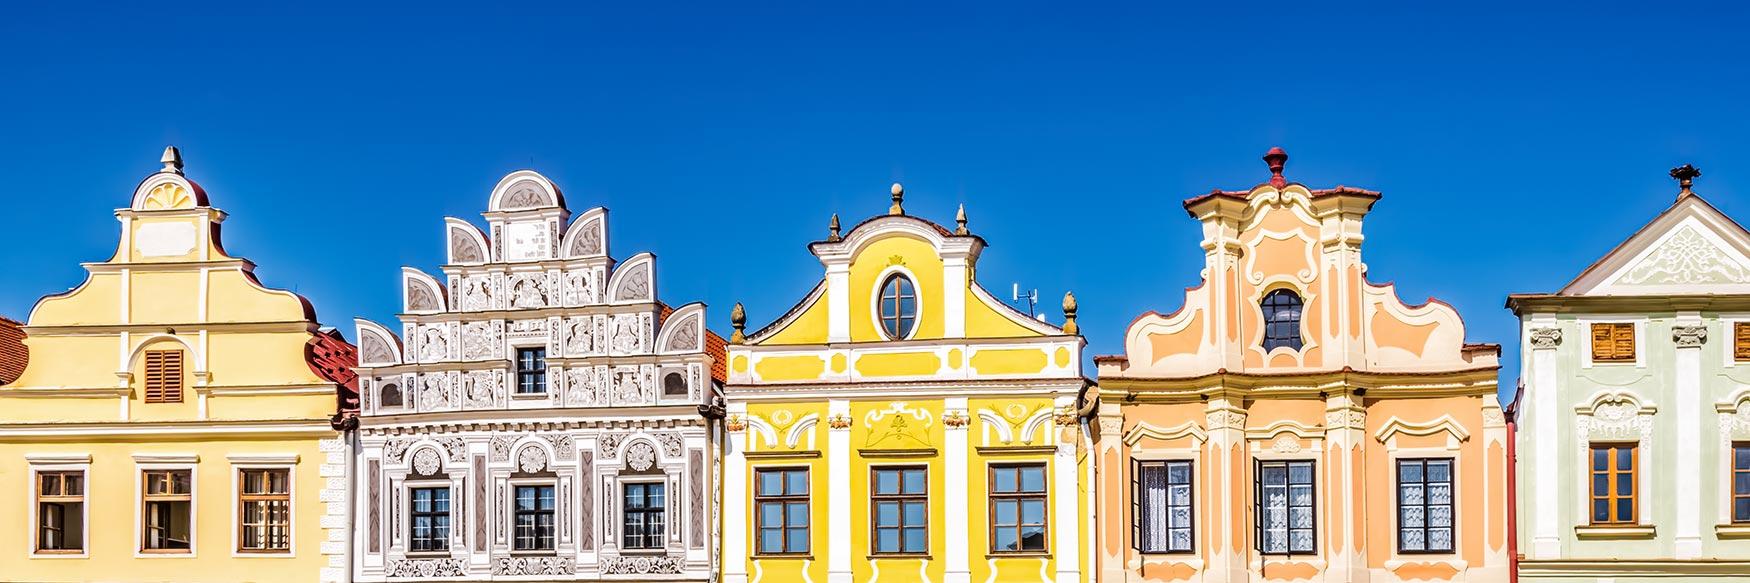 Cityscape of Telč, Vysočina, Czechia